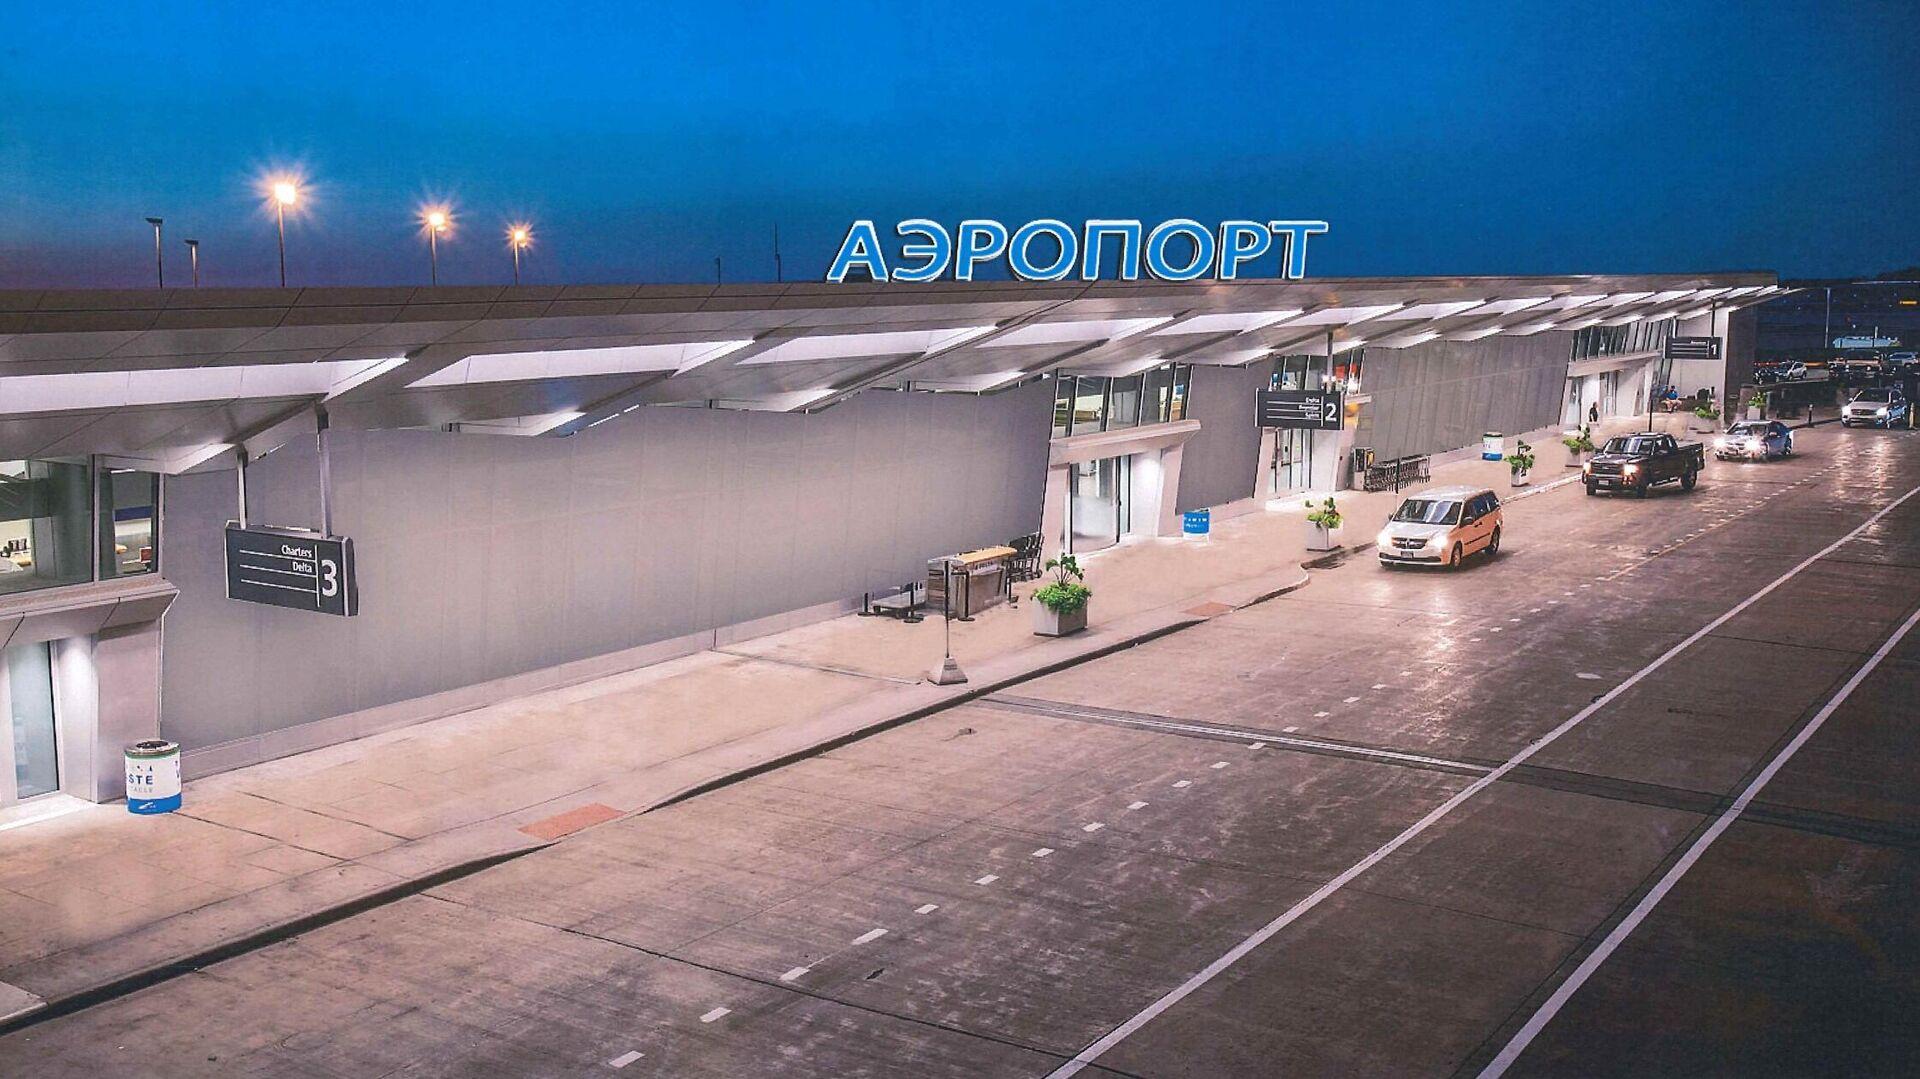 Проект терминала аэропорта на космодроме Восточный - РИА Новости, 1920, 15.01.2021